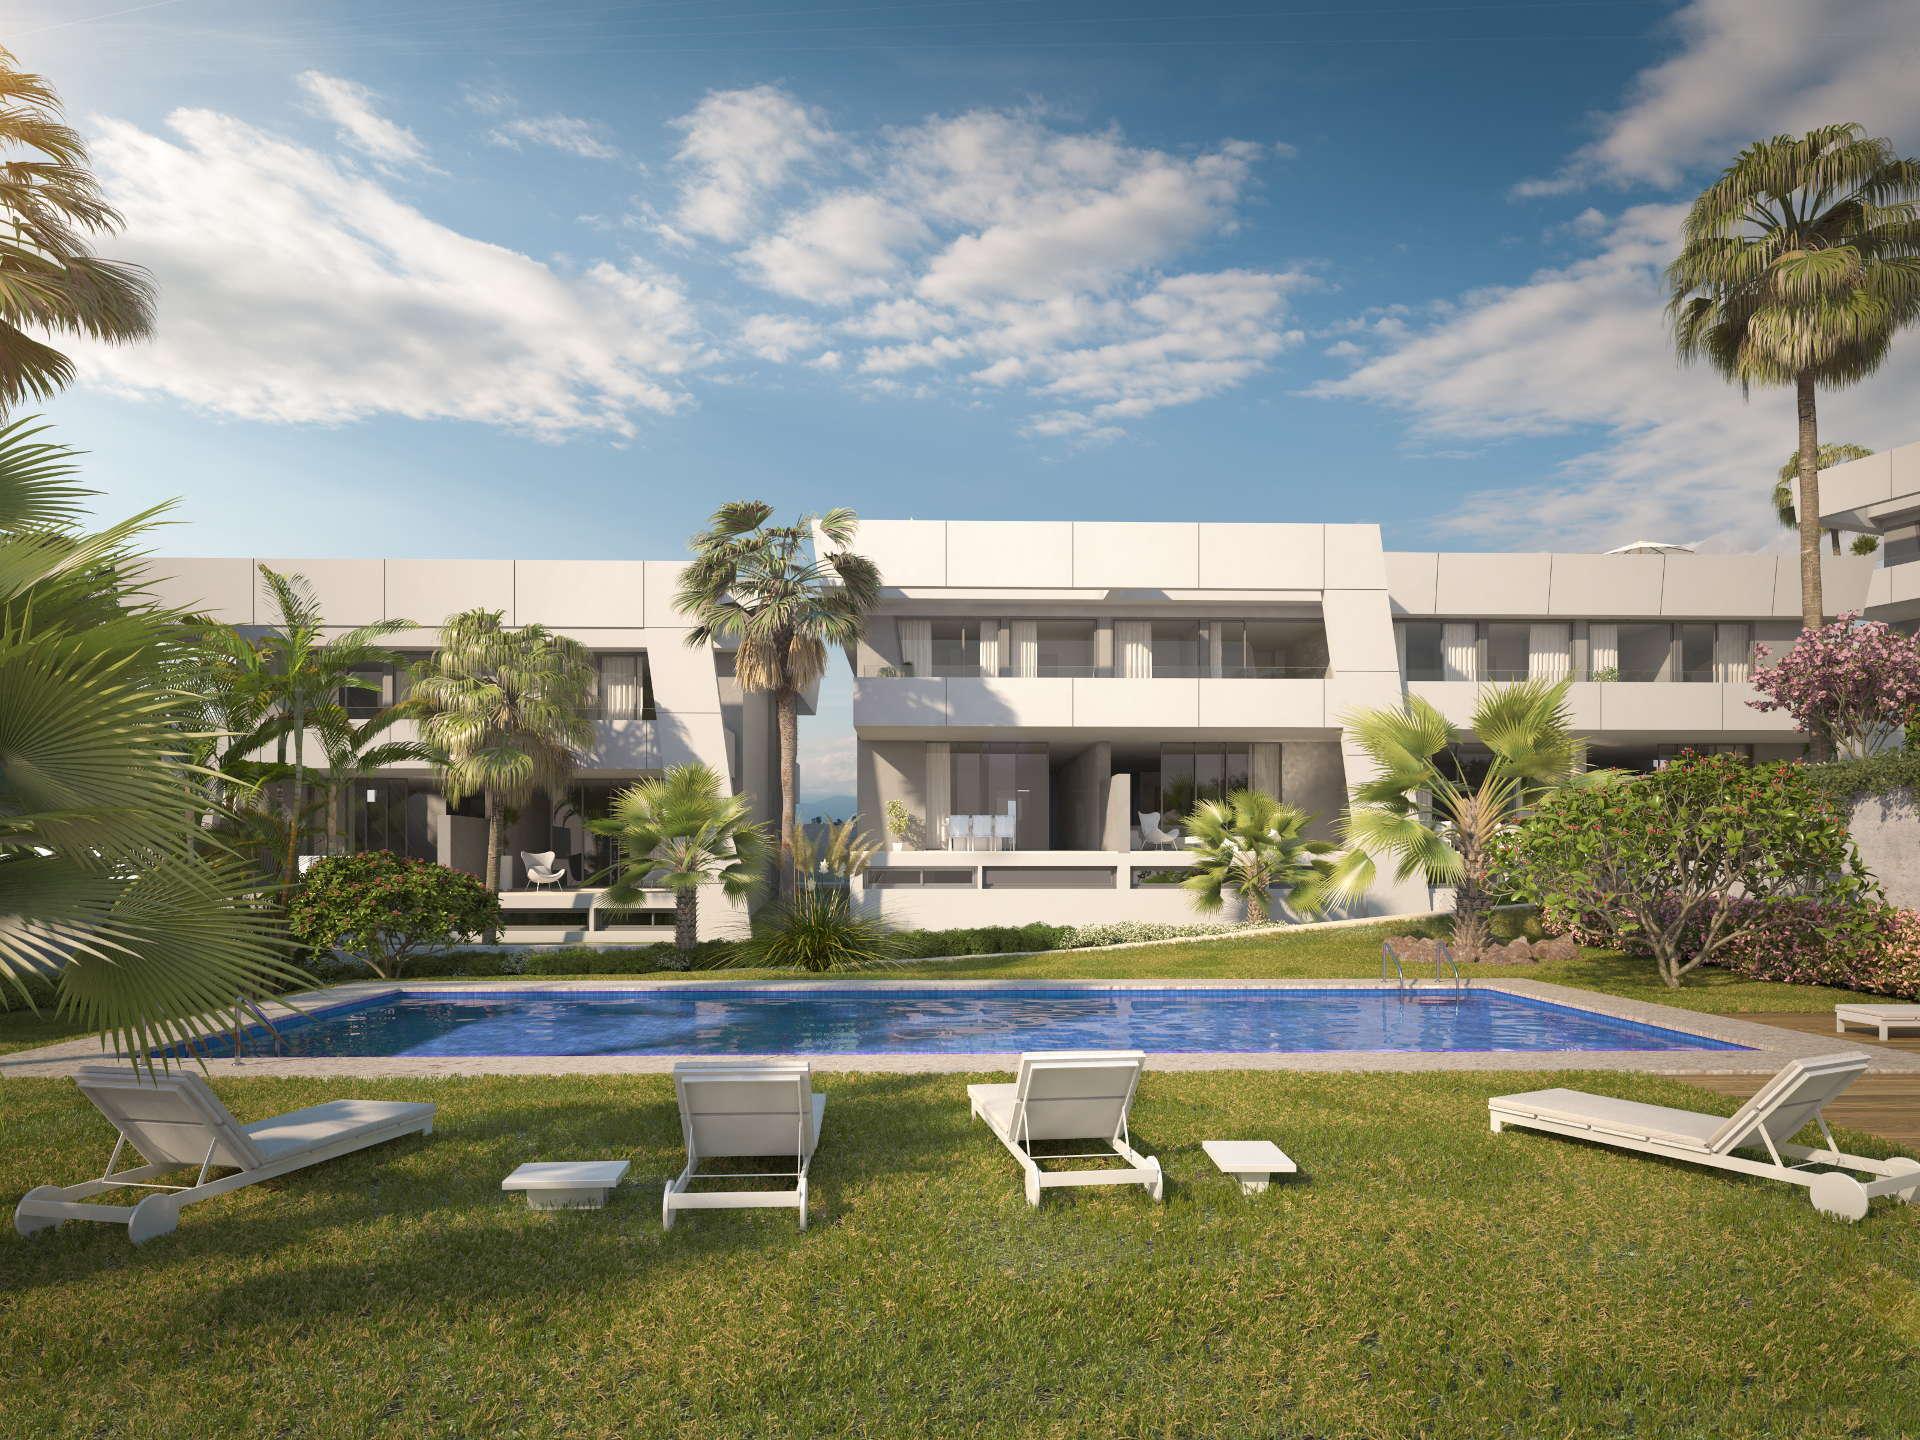 La finca de marbella luxury townhouse for sale rio real for Administrador de fincas marbella